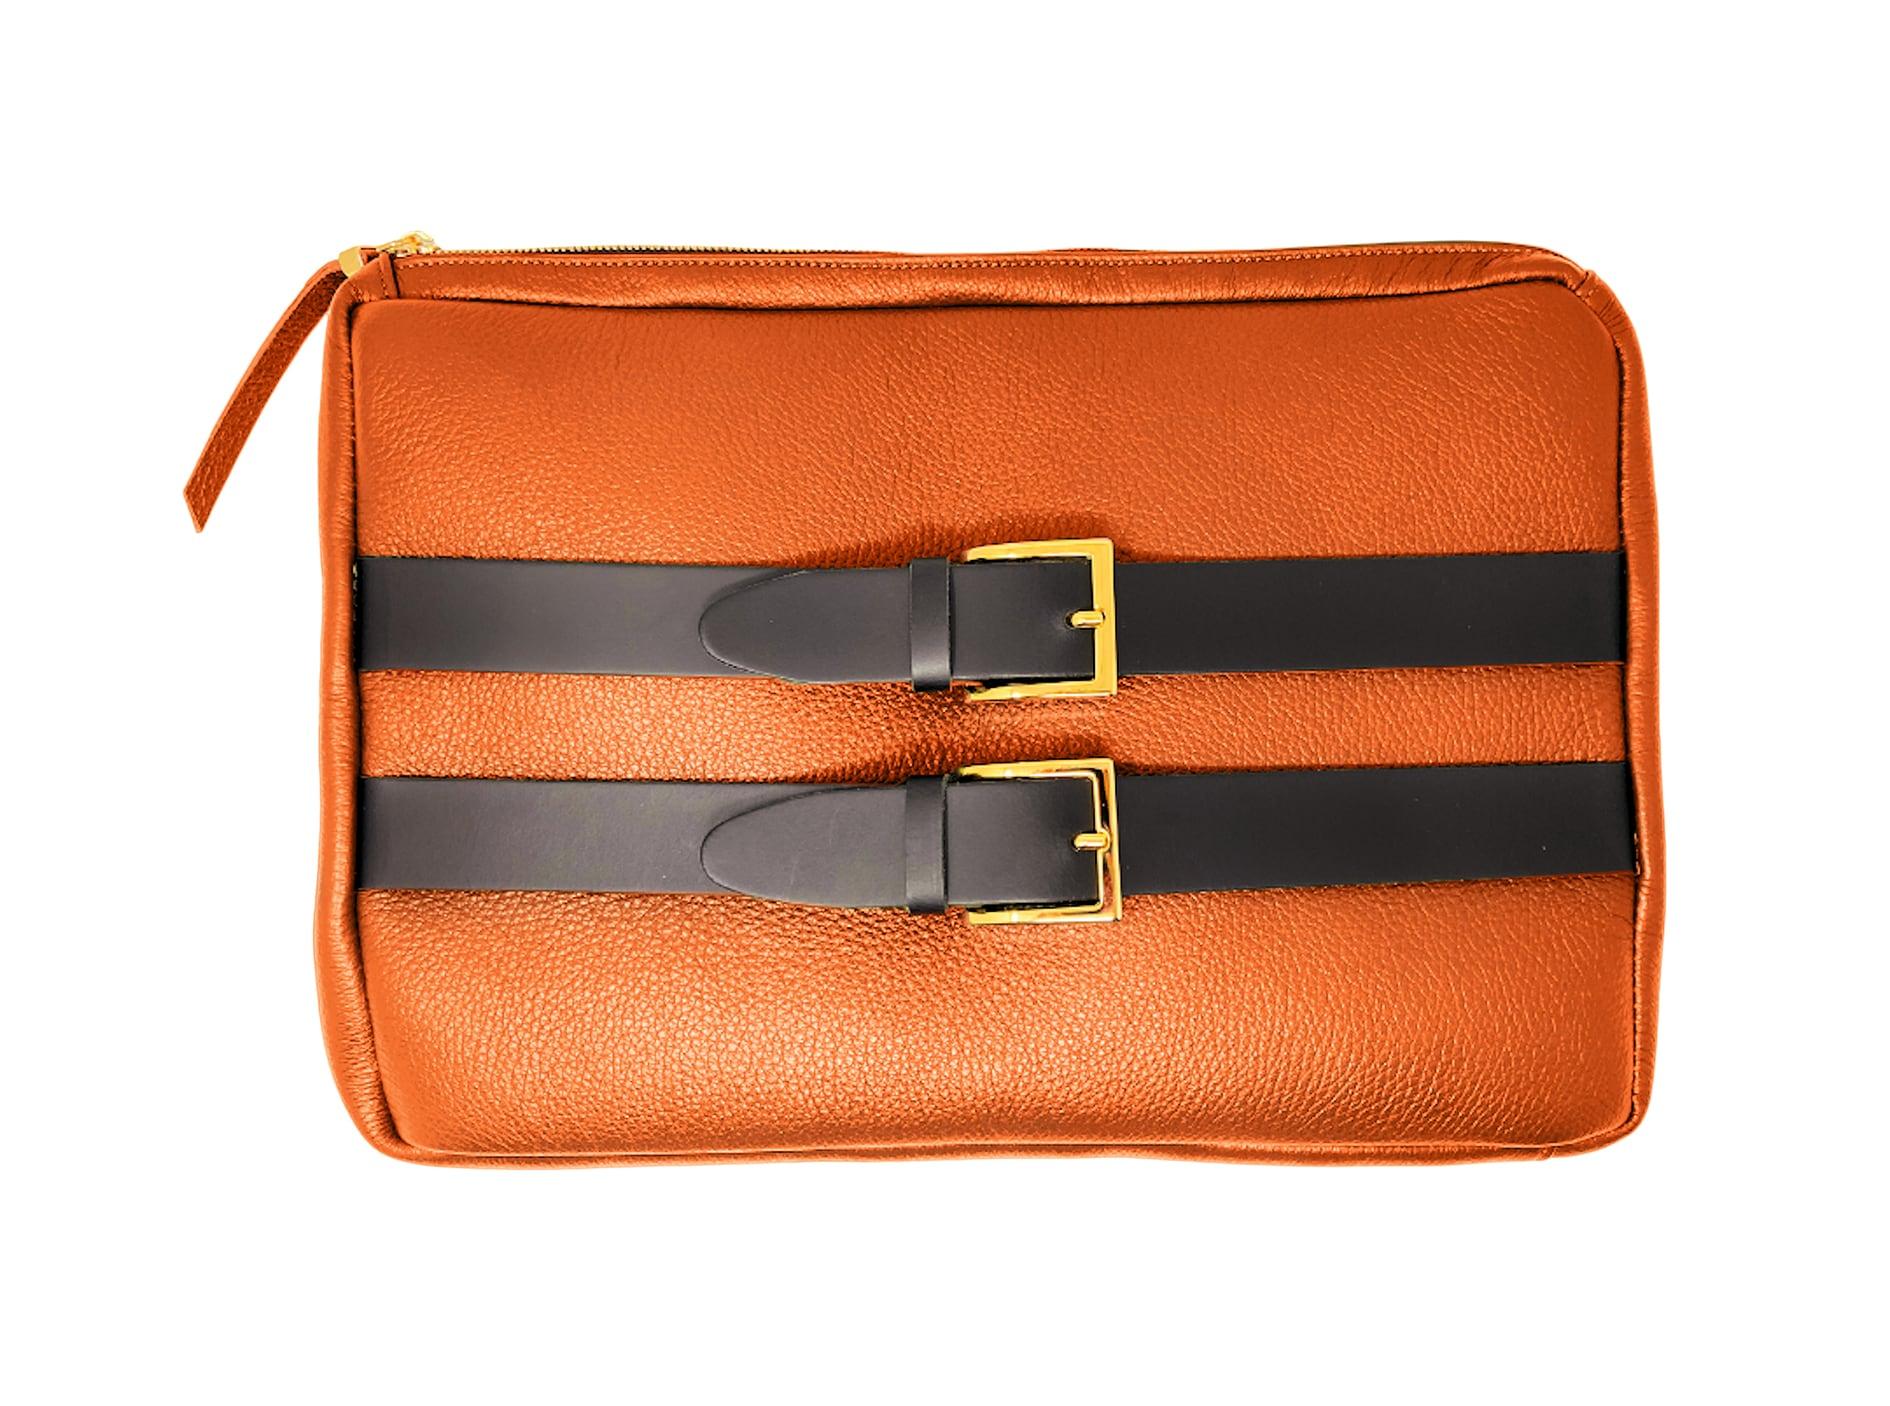 Borsa Andy, realizzata a mano, su misura (il colore è personalizzabile), in pelle con cinture e inserti metallici, ZUFFELLATO (300 €).